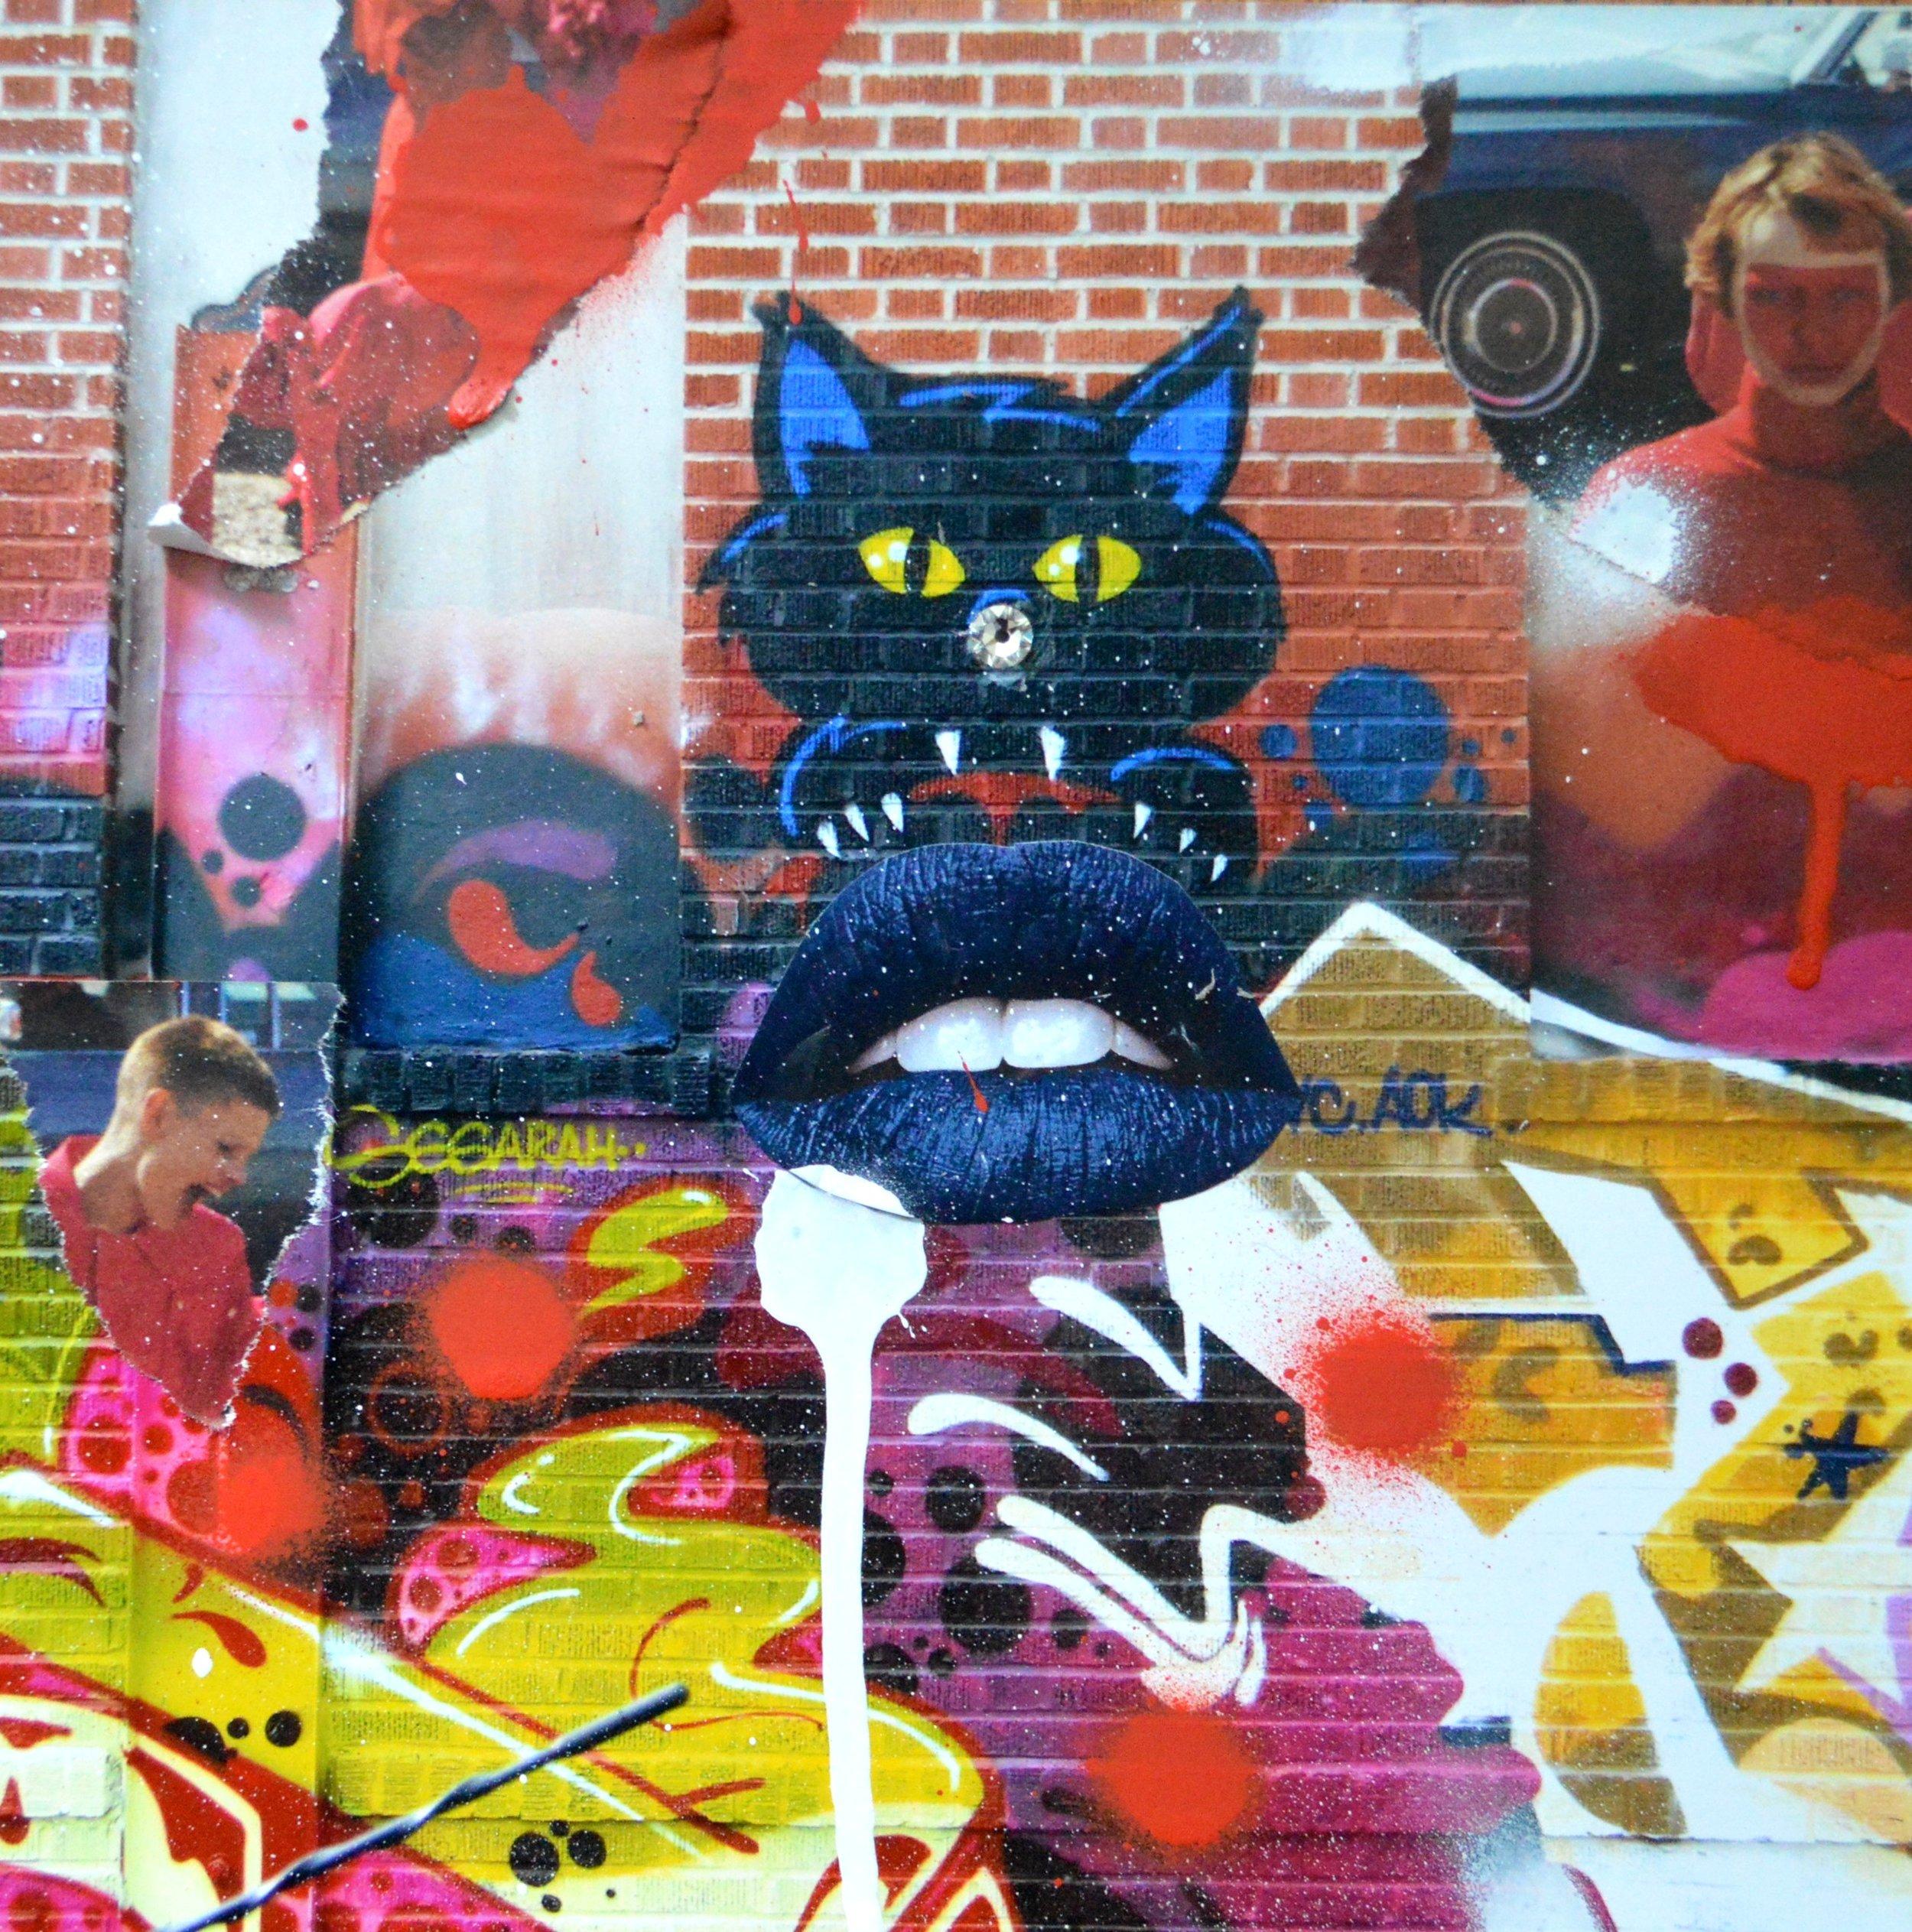 Photo, 2013, Bronx, NY. Mixed media art design 2016.